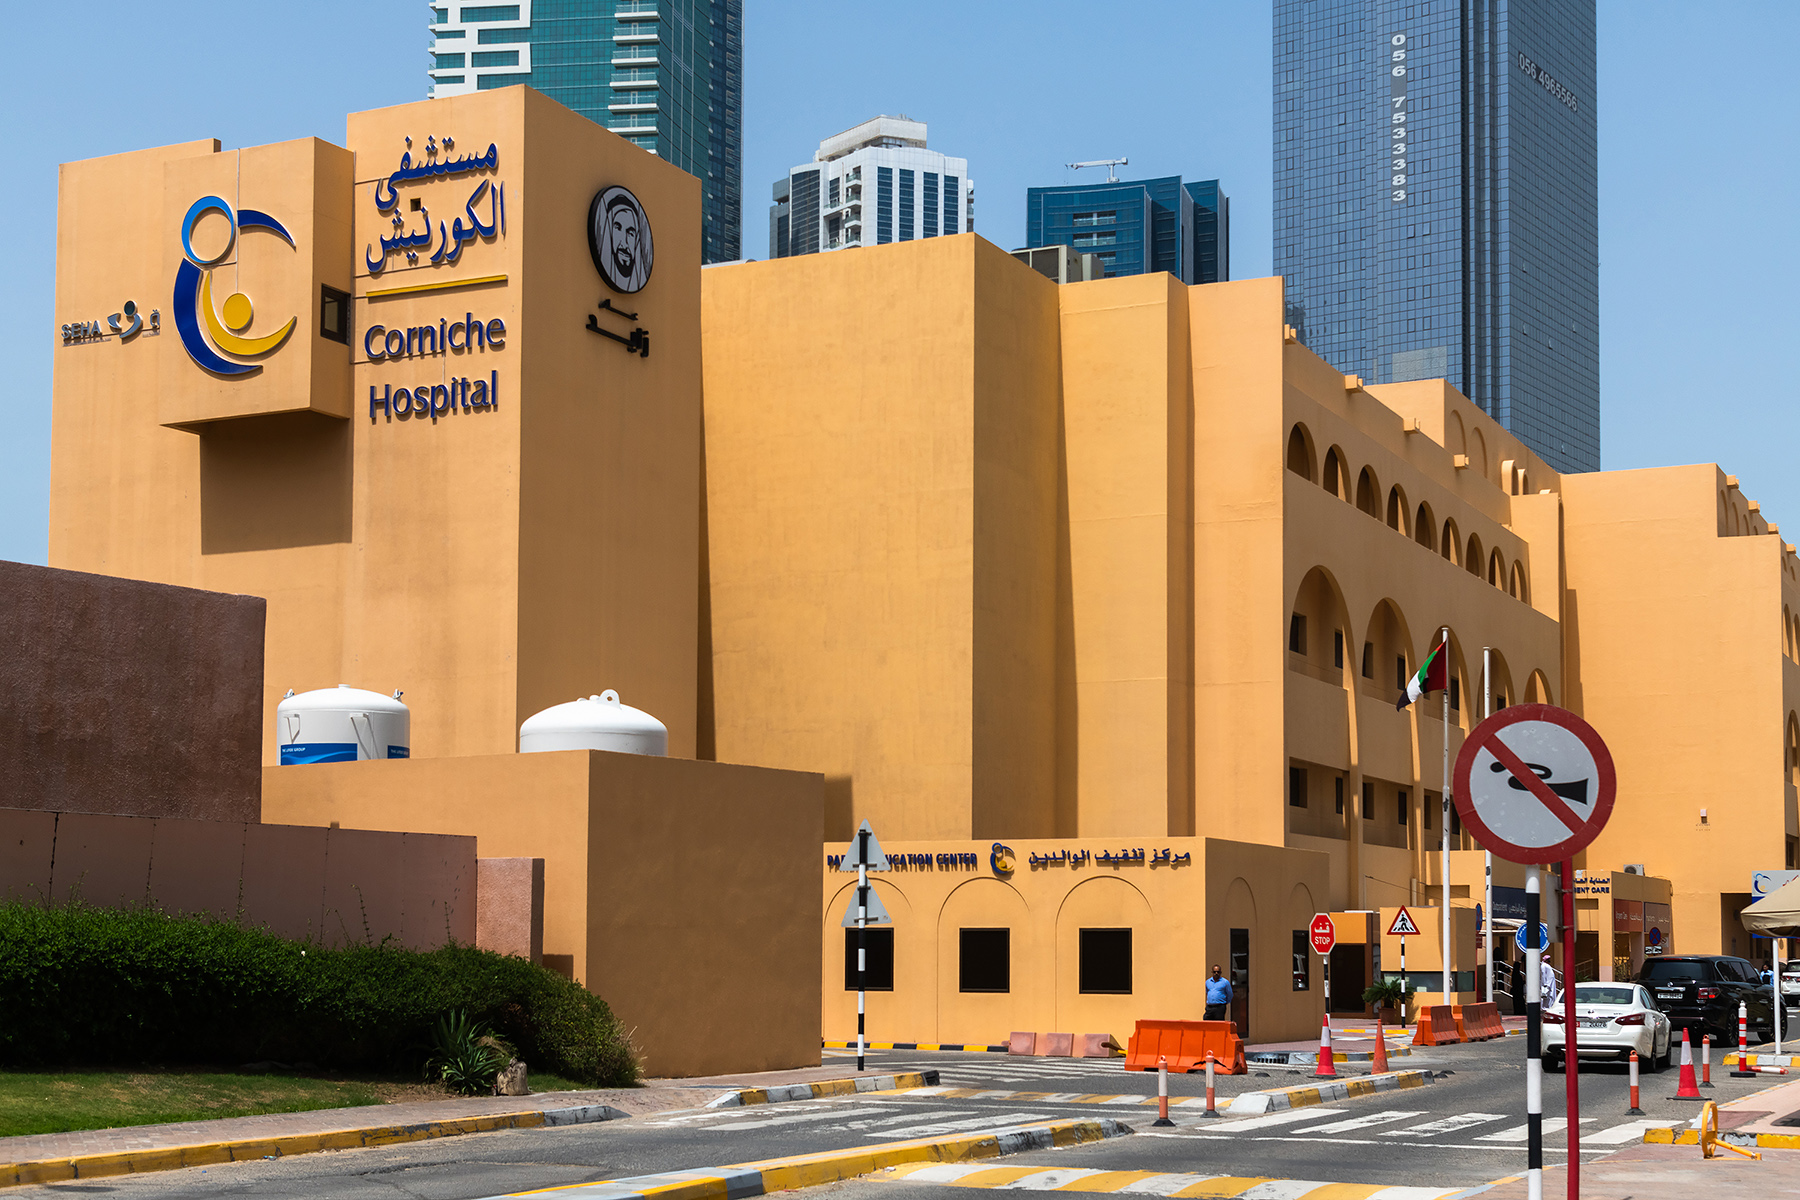 Corniche Hospital in Abu Dhabi